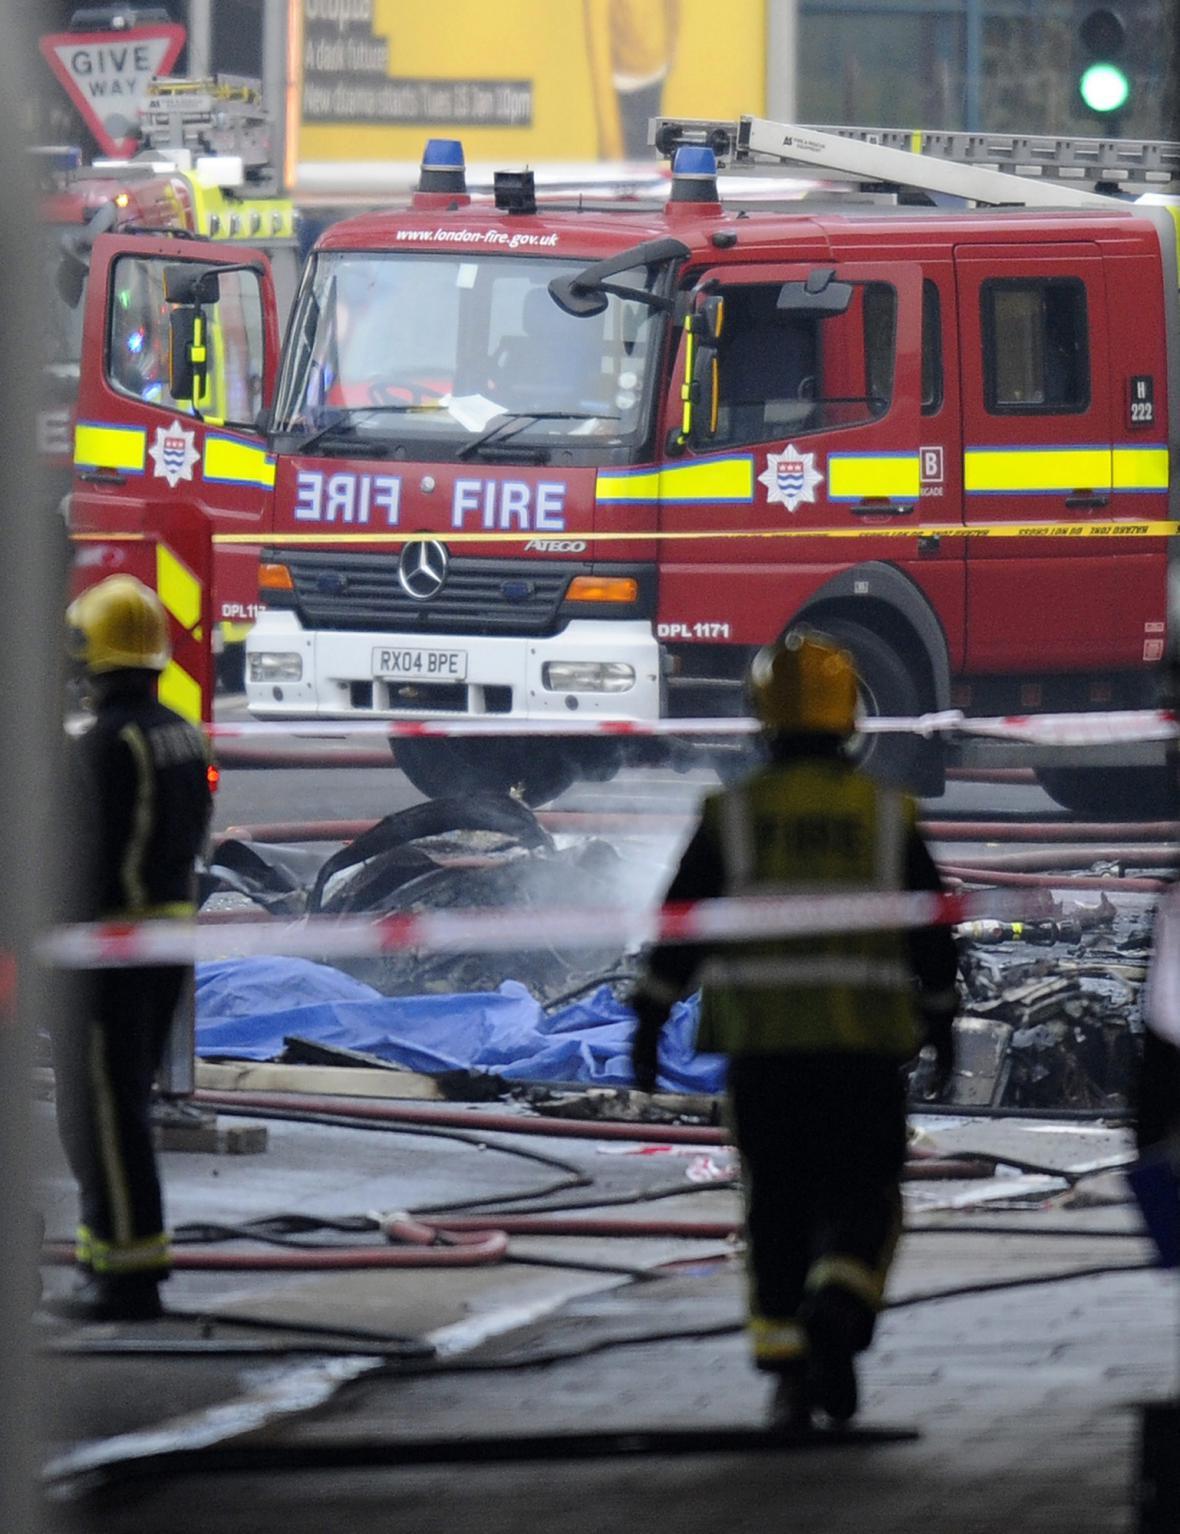 Hasiči zasahují při nehodě vrtulníku v Londýně